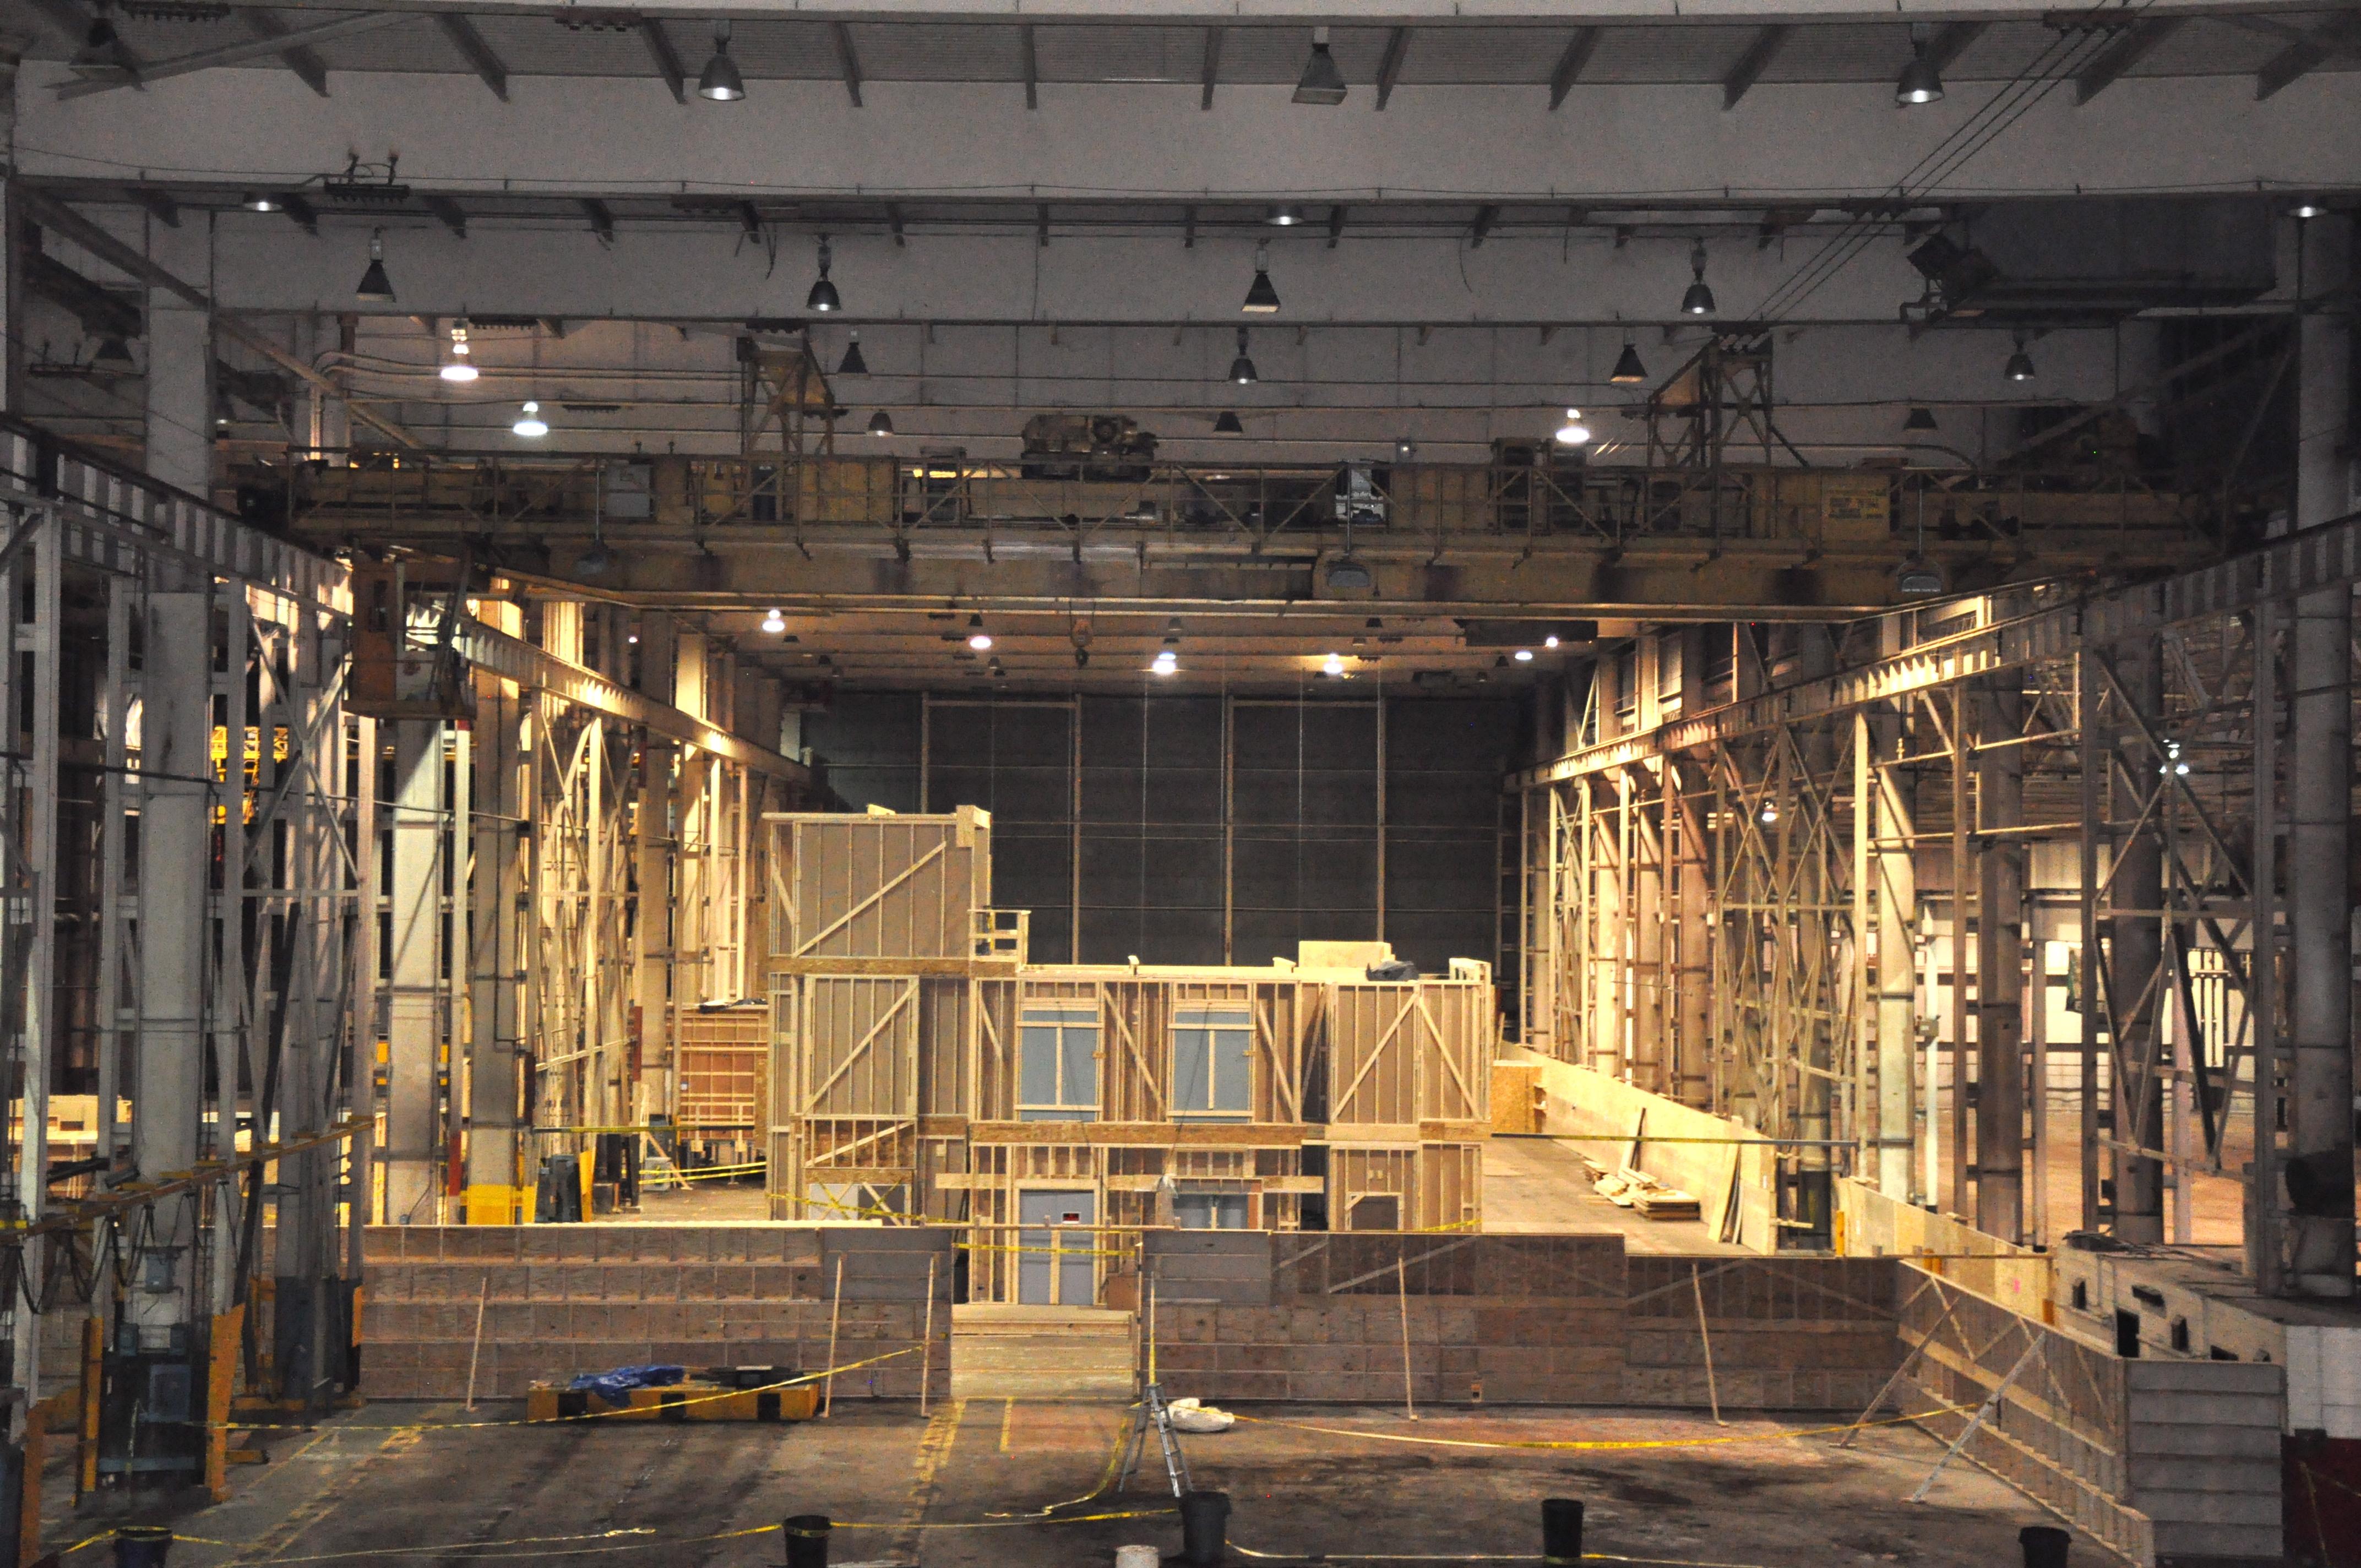 Cinespace film production area